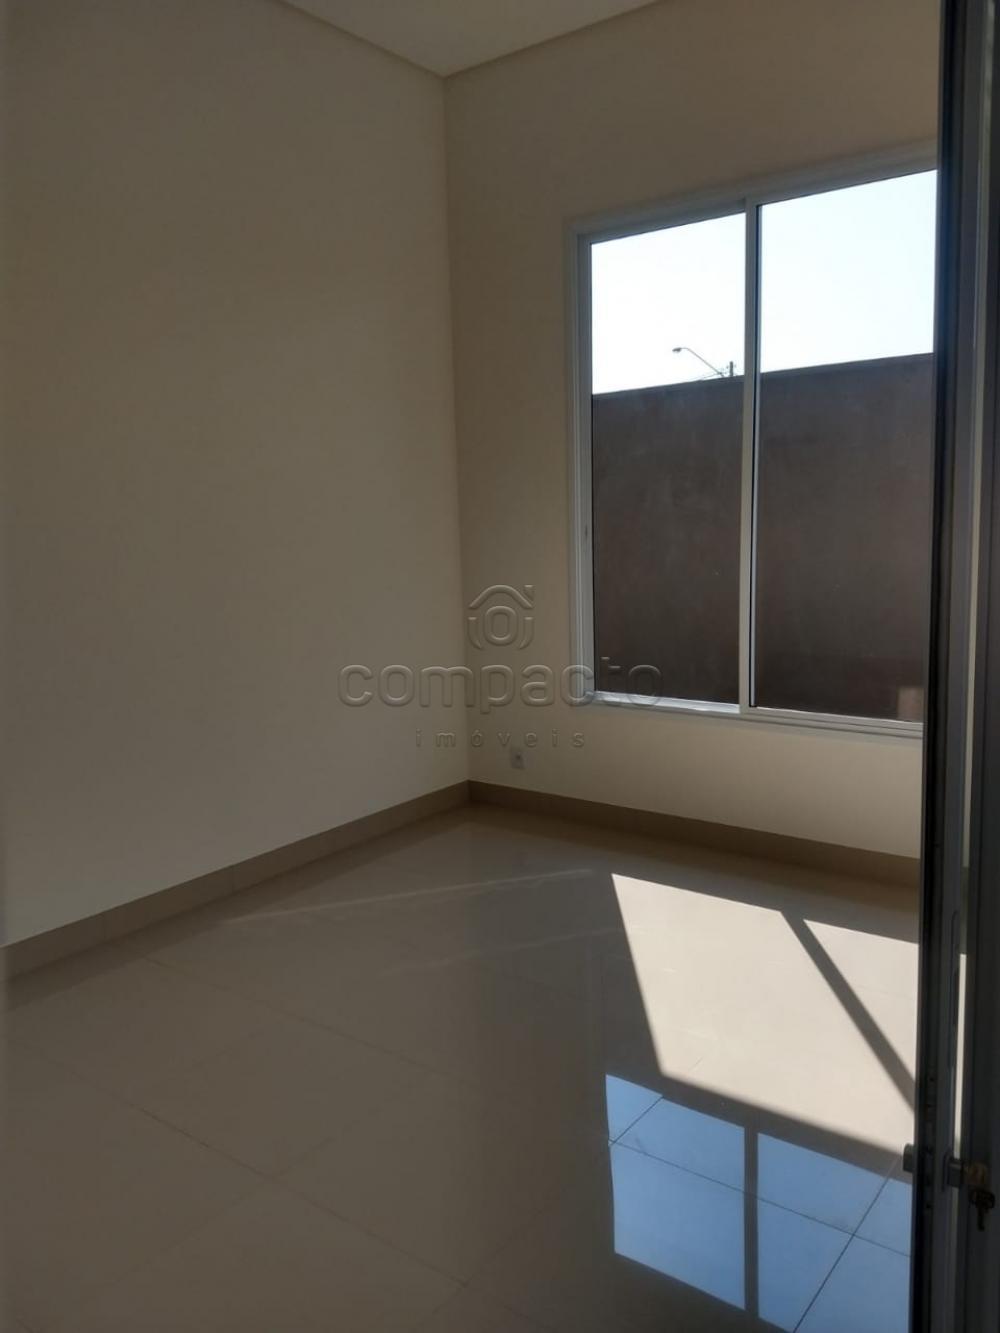 Comprar Casa / Condomínio em Mirassol apenas R$ 800.000,00 - Foto 5